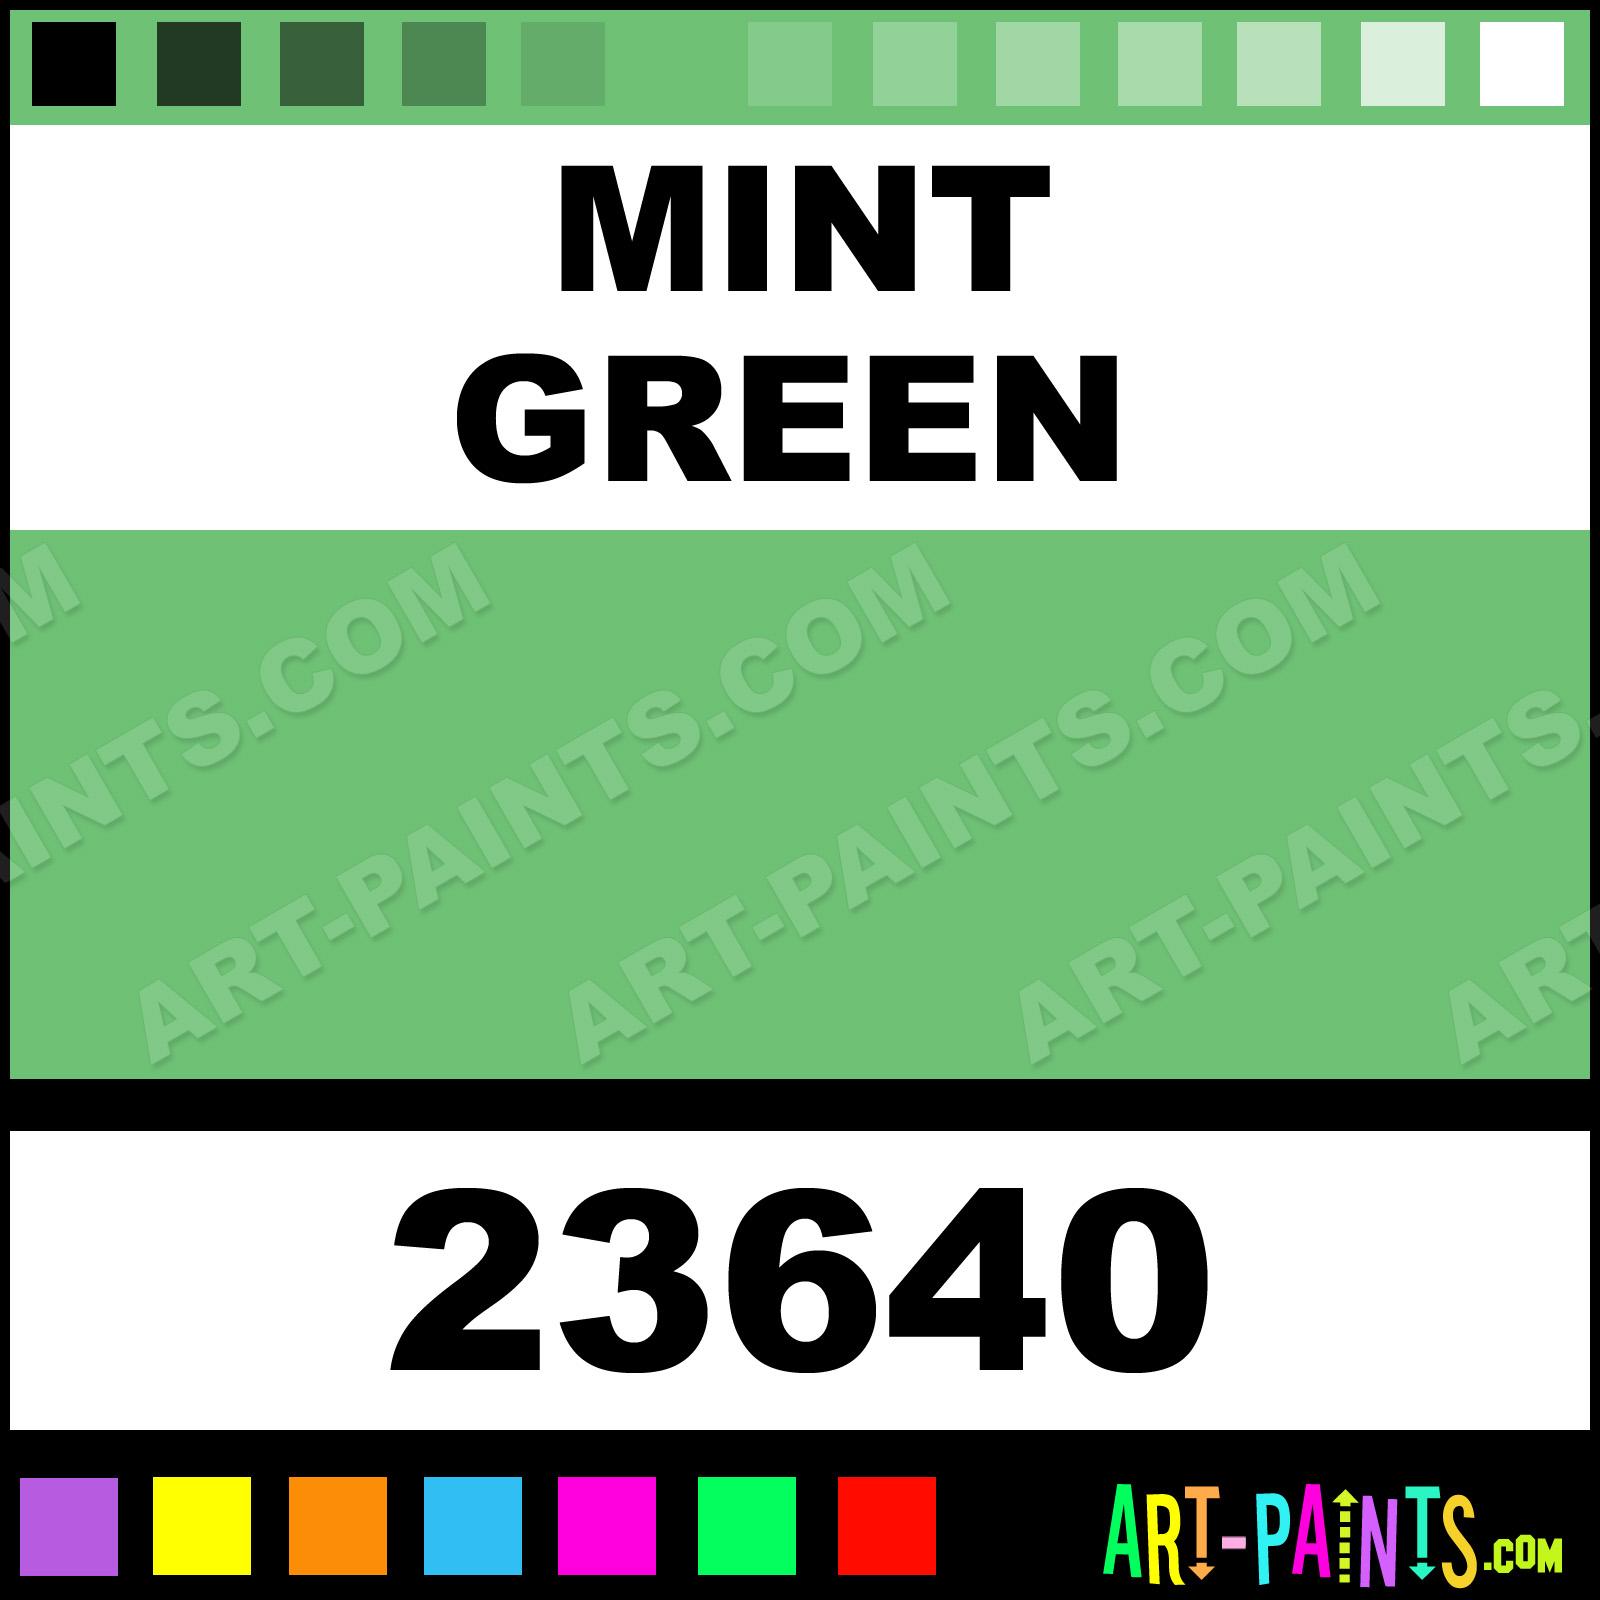 Smart acrylic paints 23640 mint green paint mint green color